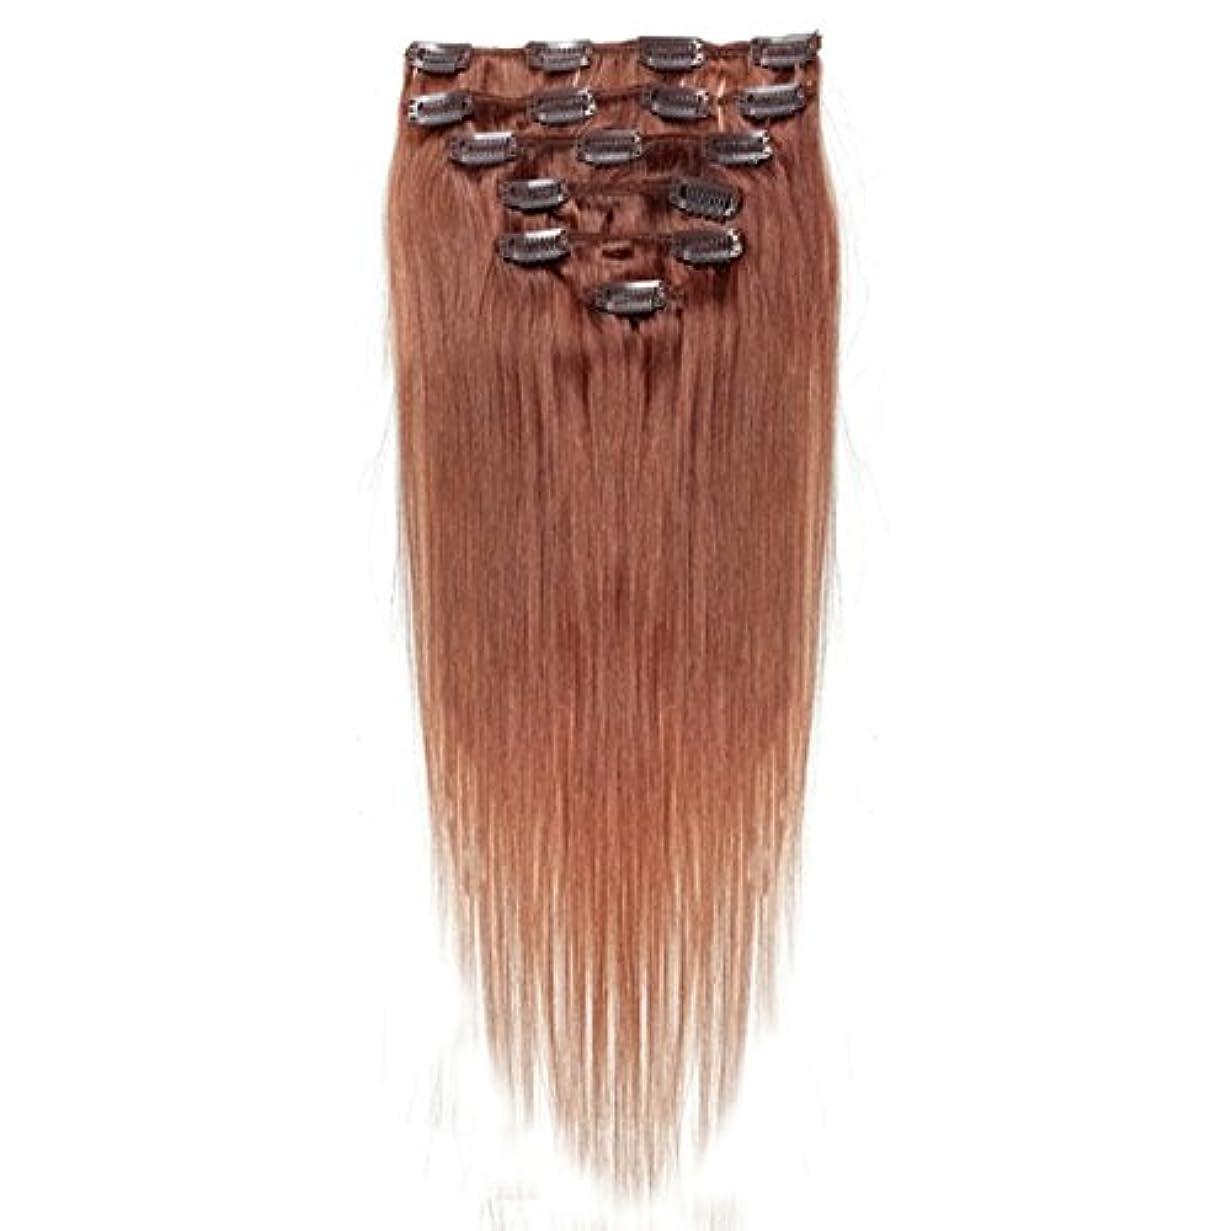 リビジョン上向き入射ヘアエクステンション,SODIAL(R) 女性の人間の髪 クリップインヘアエクステンション 7件 70g 18インチ 赤